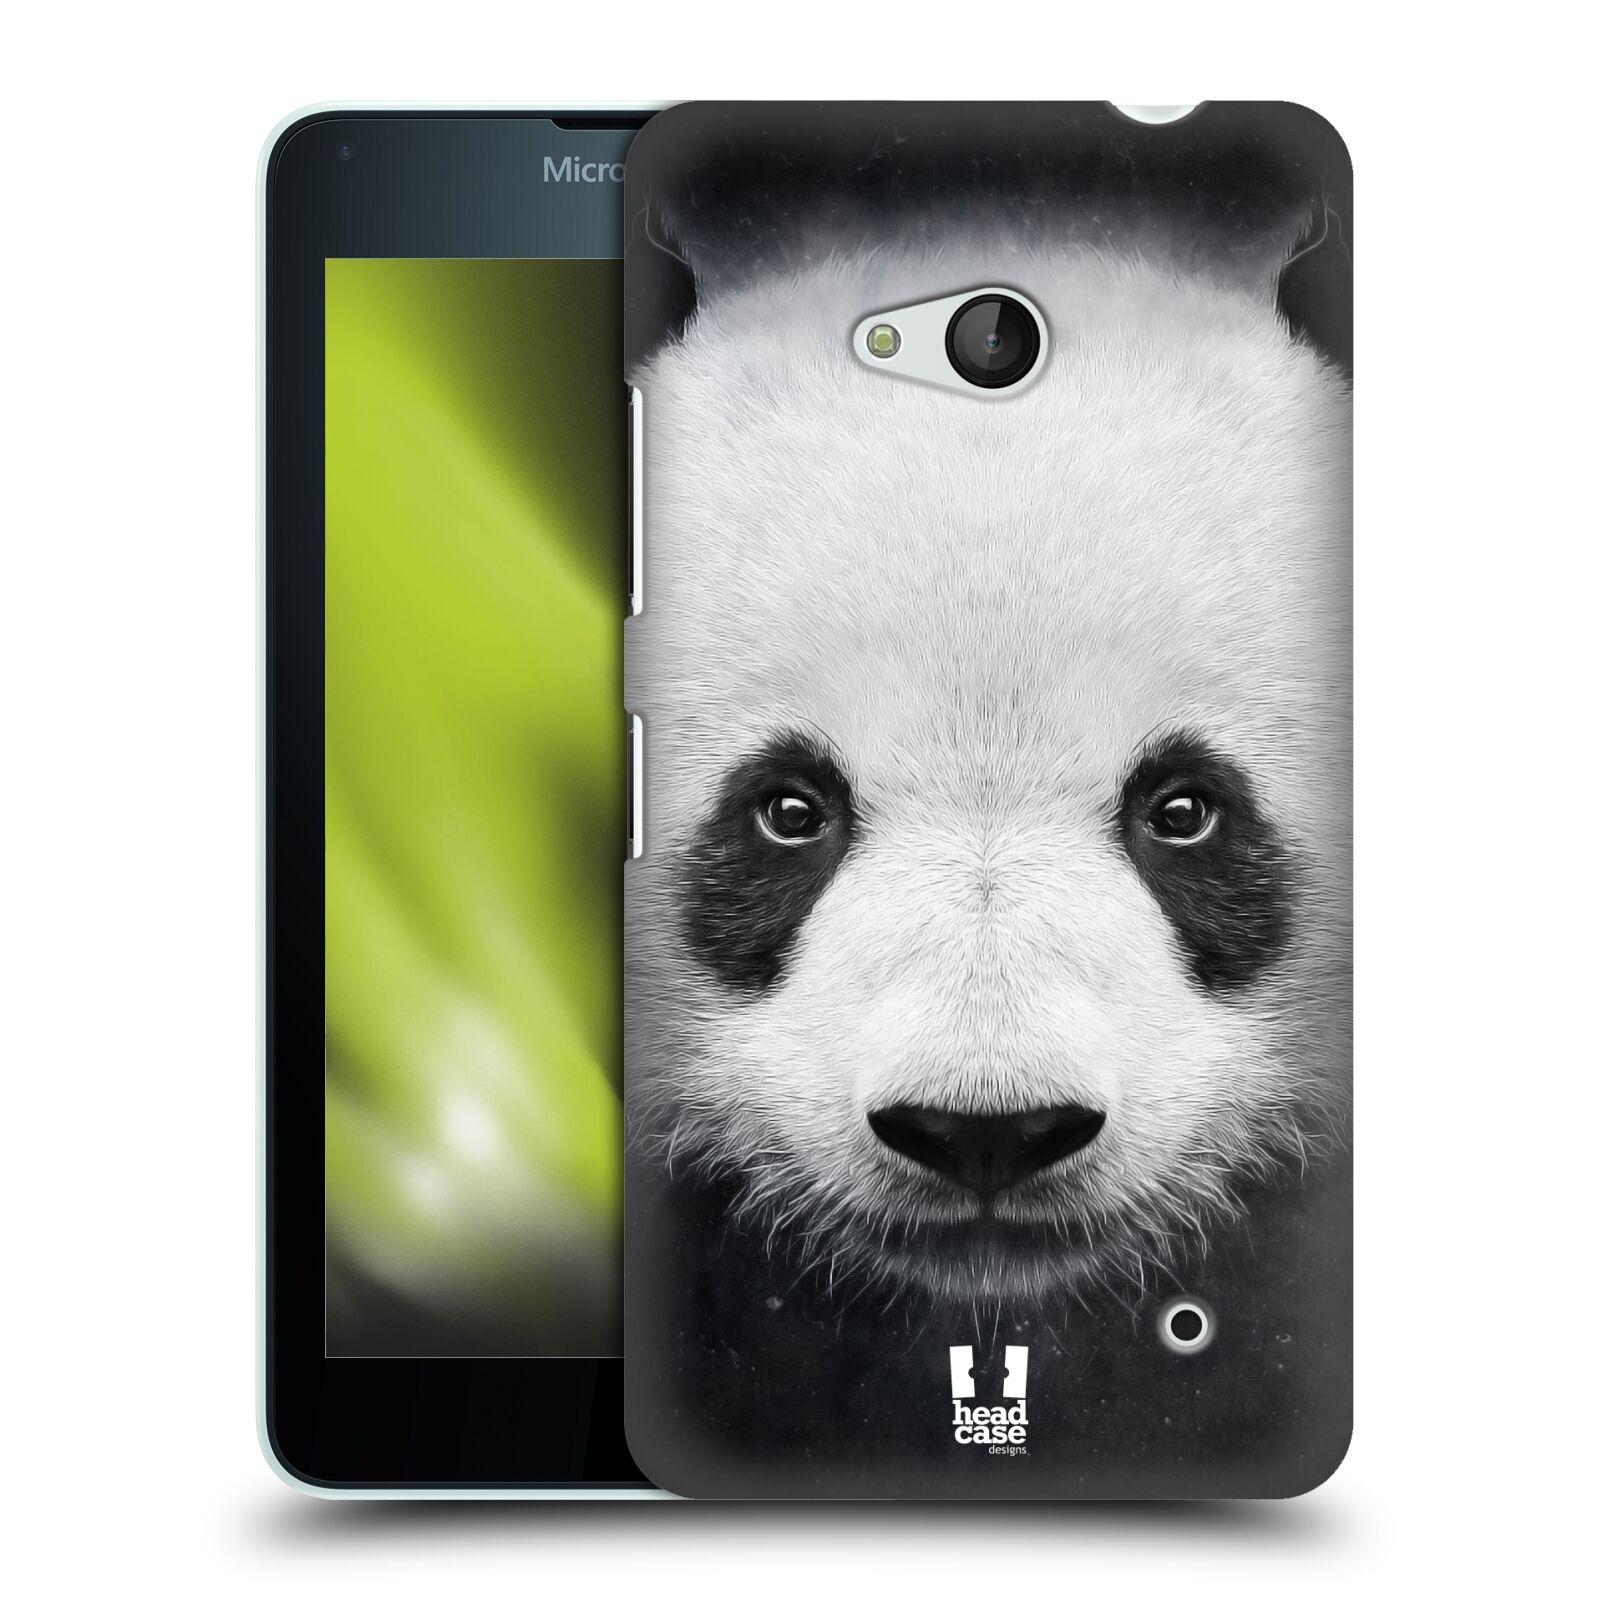 HEAD CASE plastový obal na mobil Nokia Lumia 640 vzor Zvířecí tváře medvěd panda